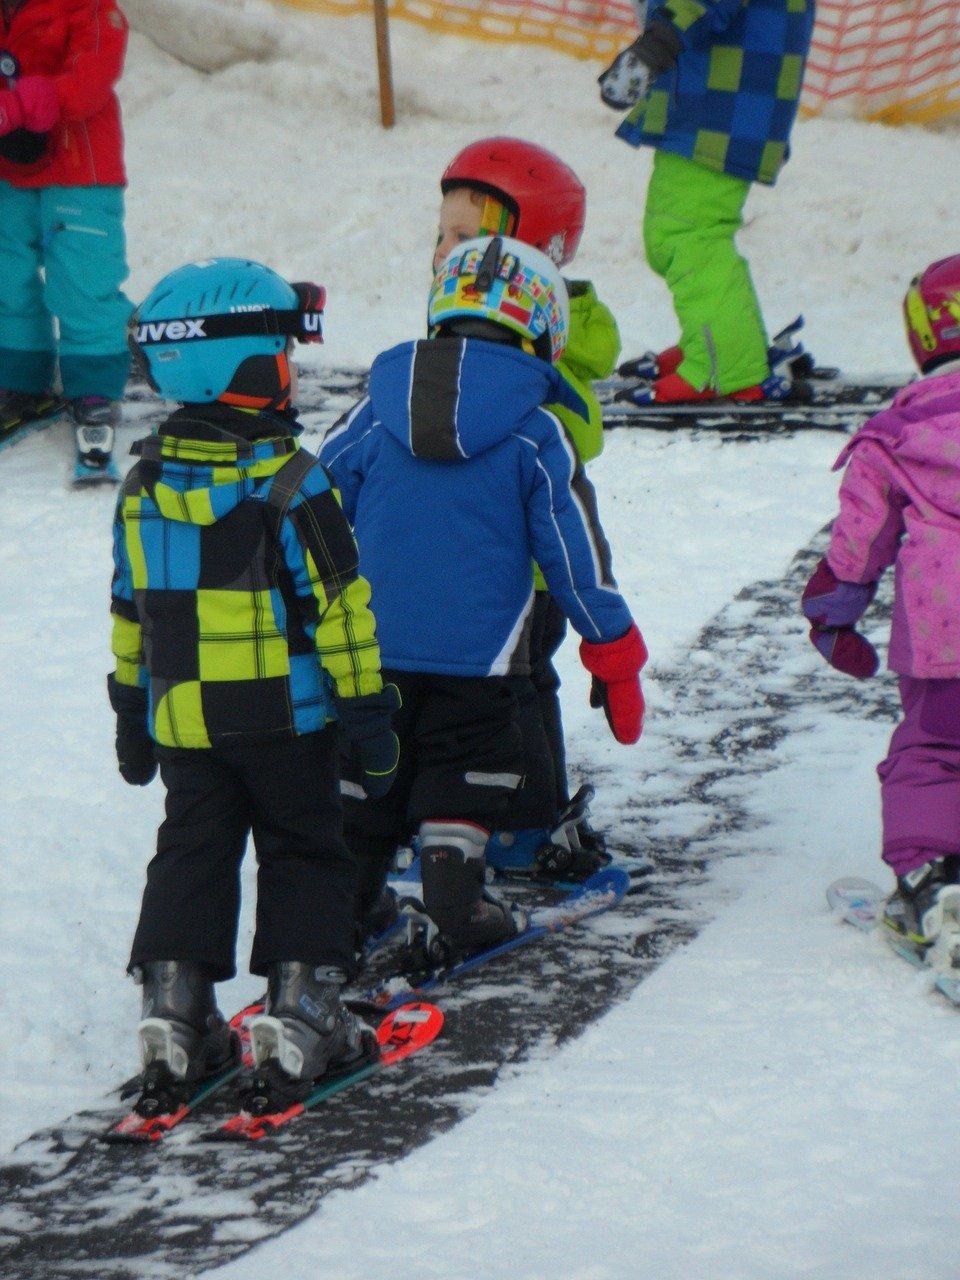 Zorg voor een goede ski uitrusting voor je kids